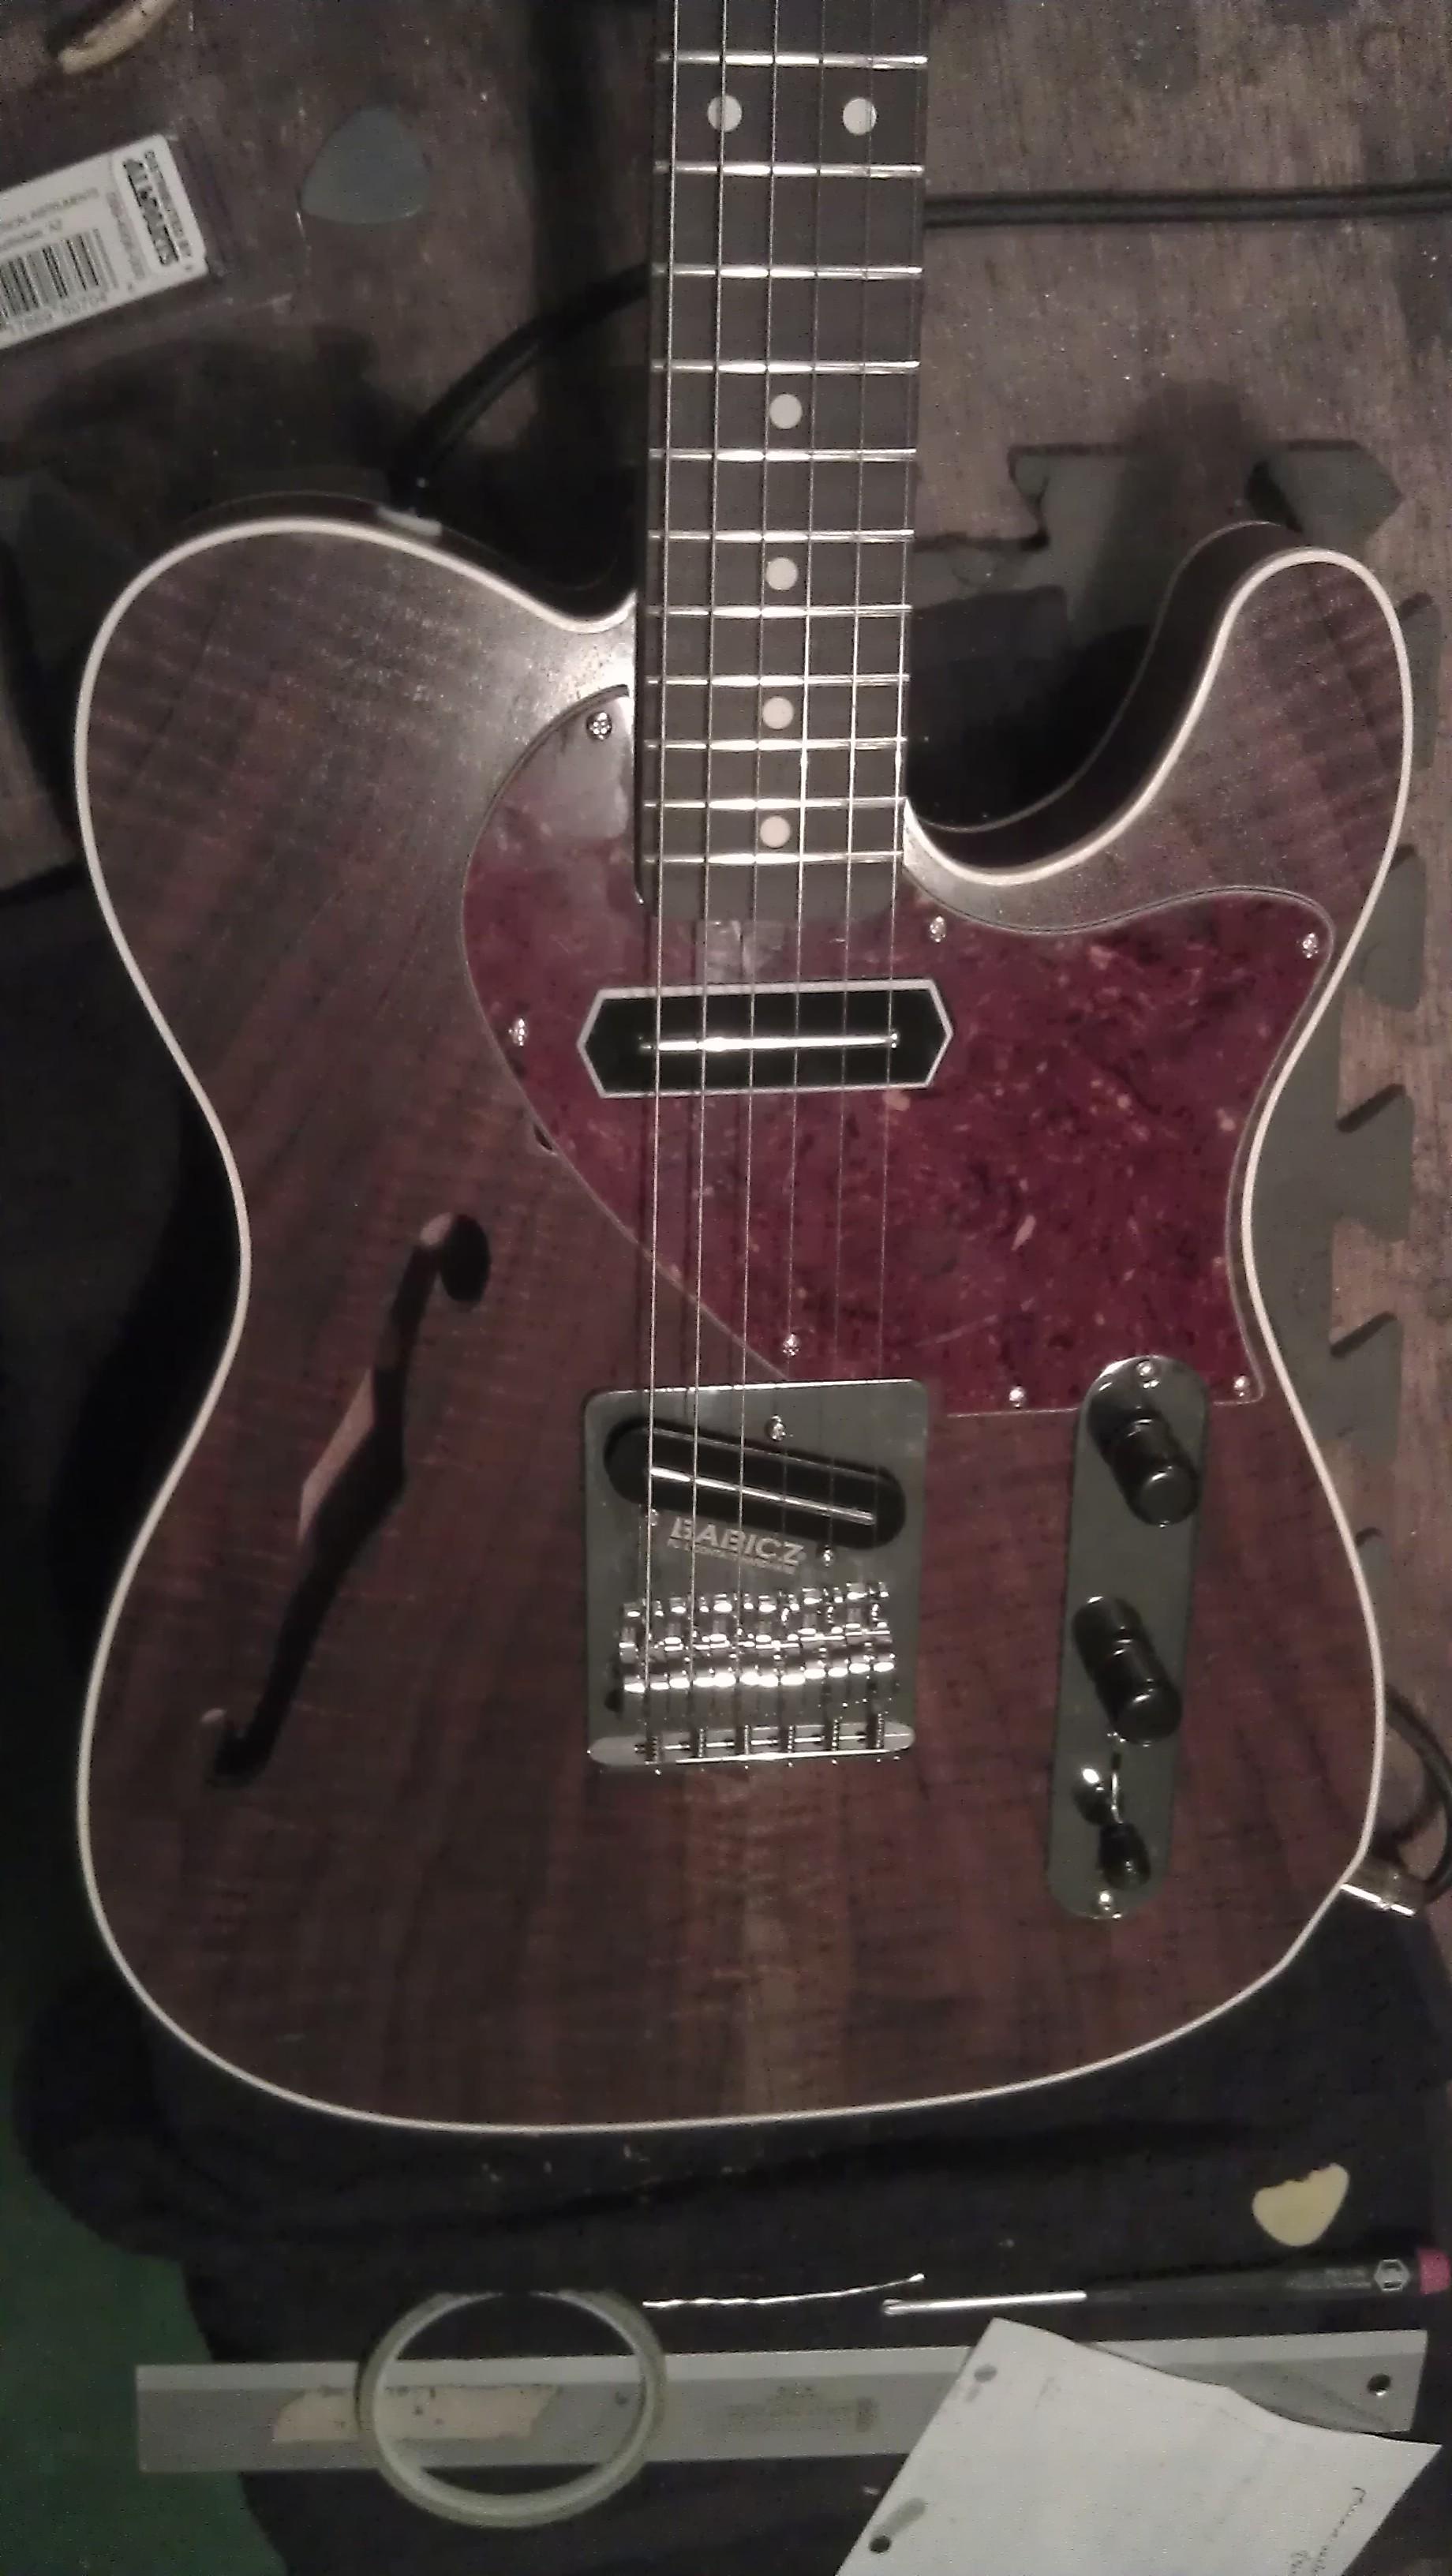 Großartig Die Besten 10 Der Stratocaster Schaltplan Anweisungen ...